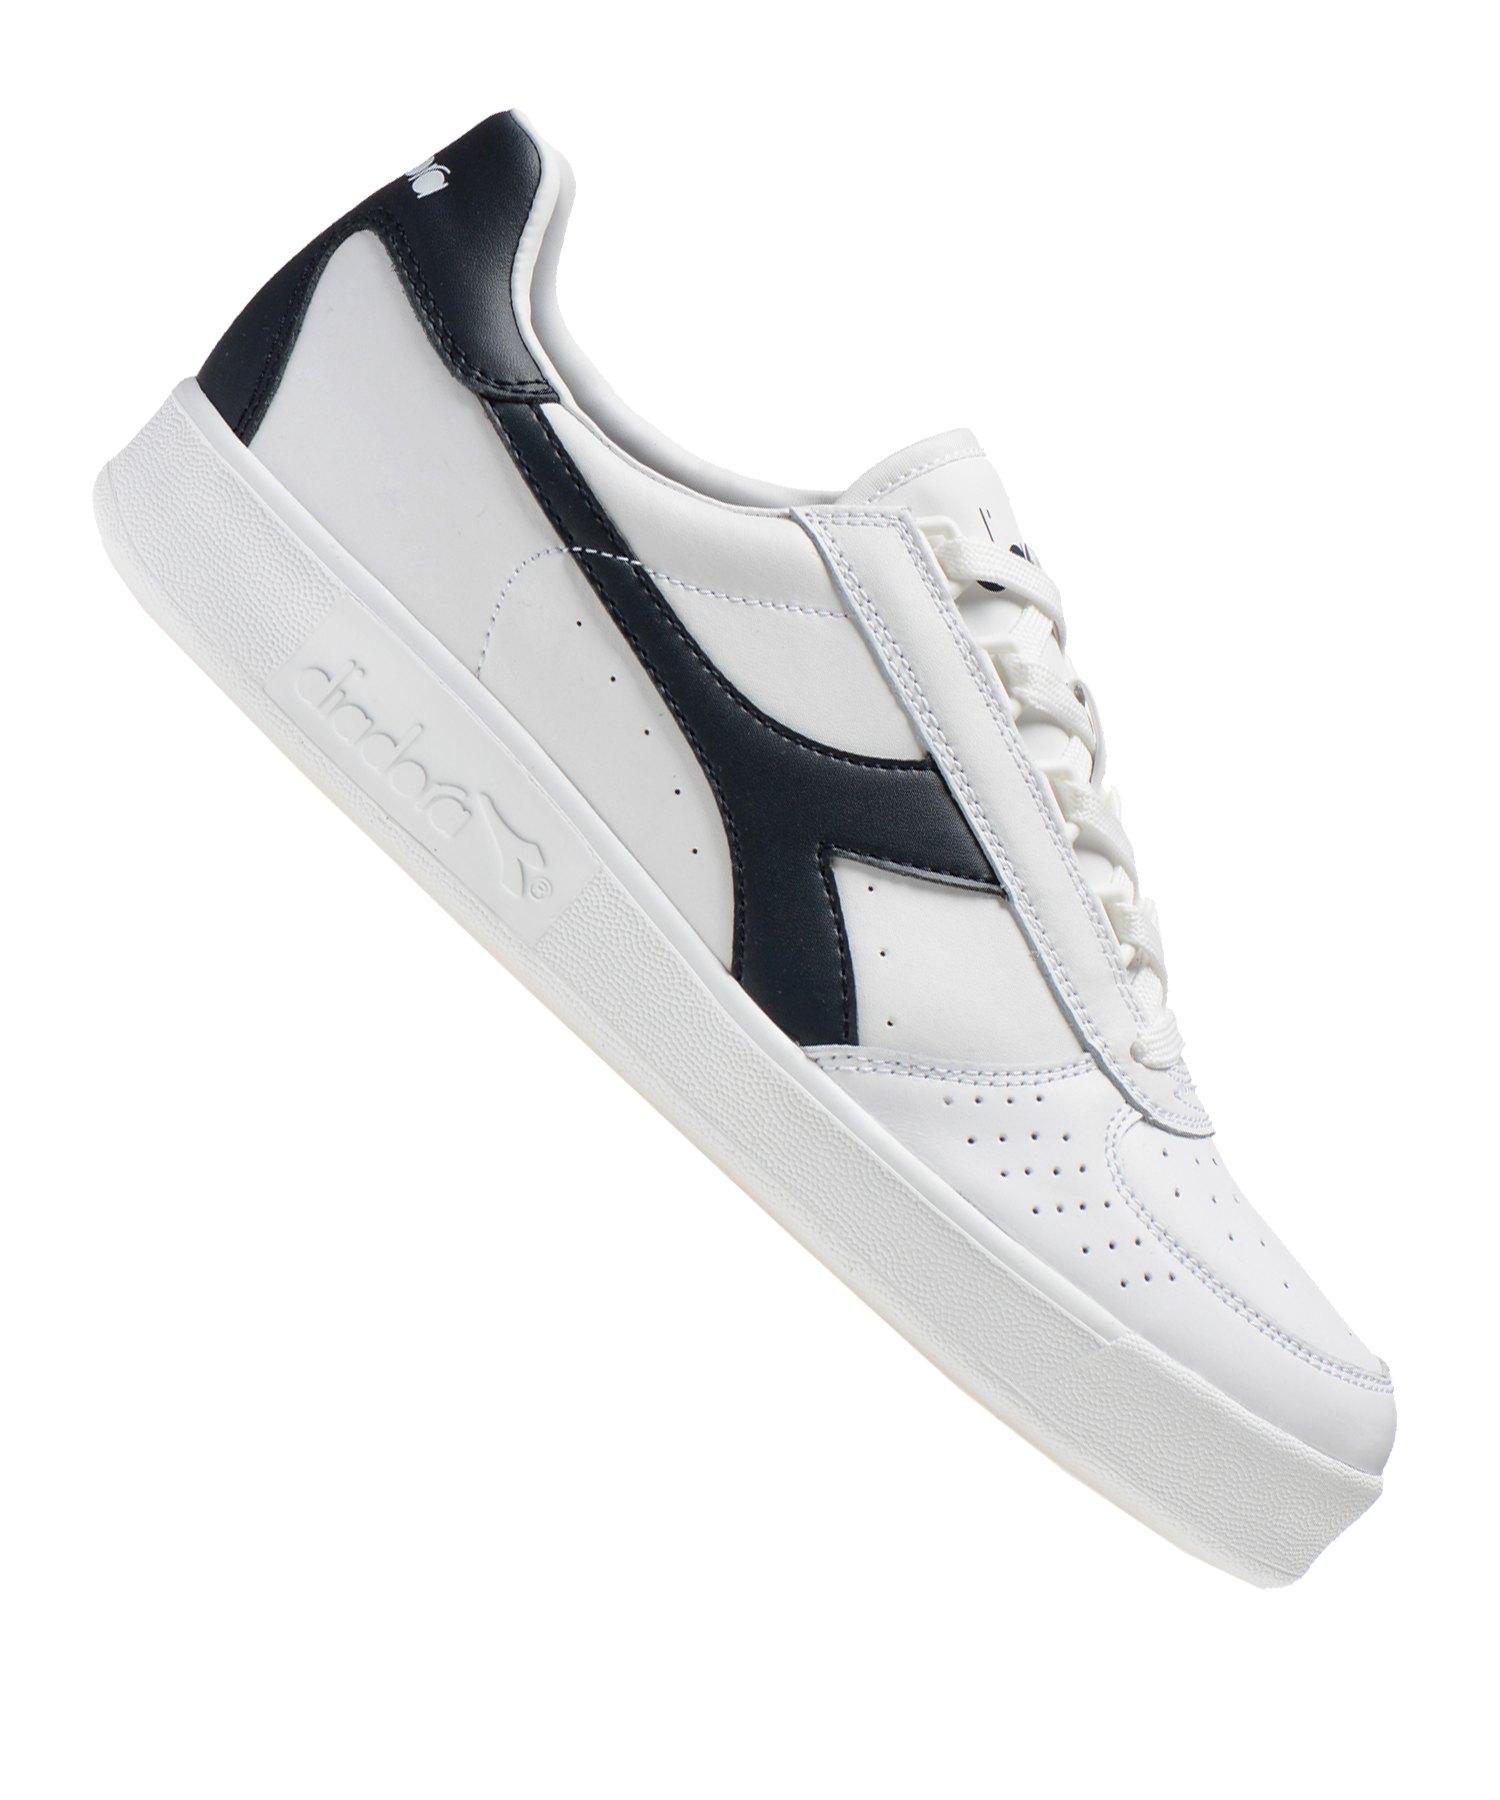 Diadora B. Elite Sneaker Weiss Blau C5943 - weiss